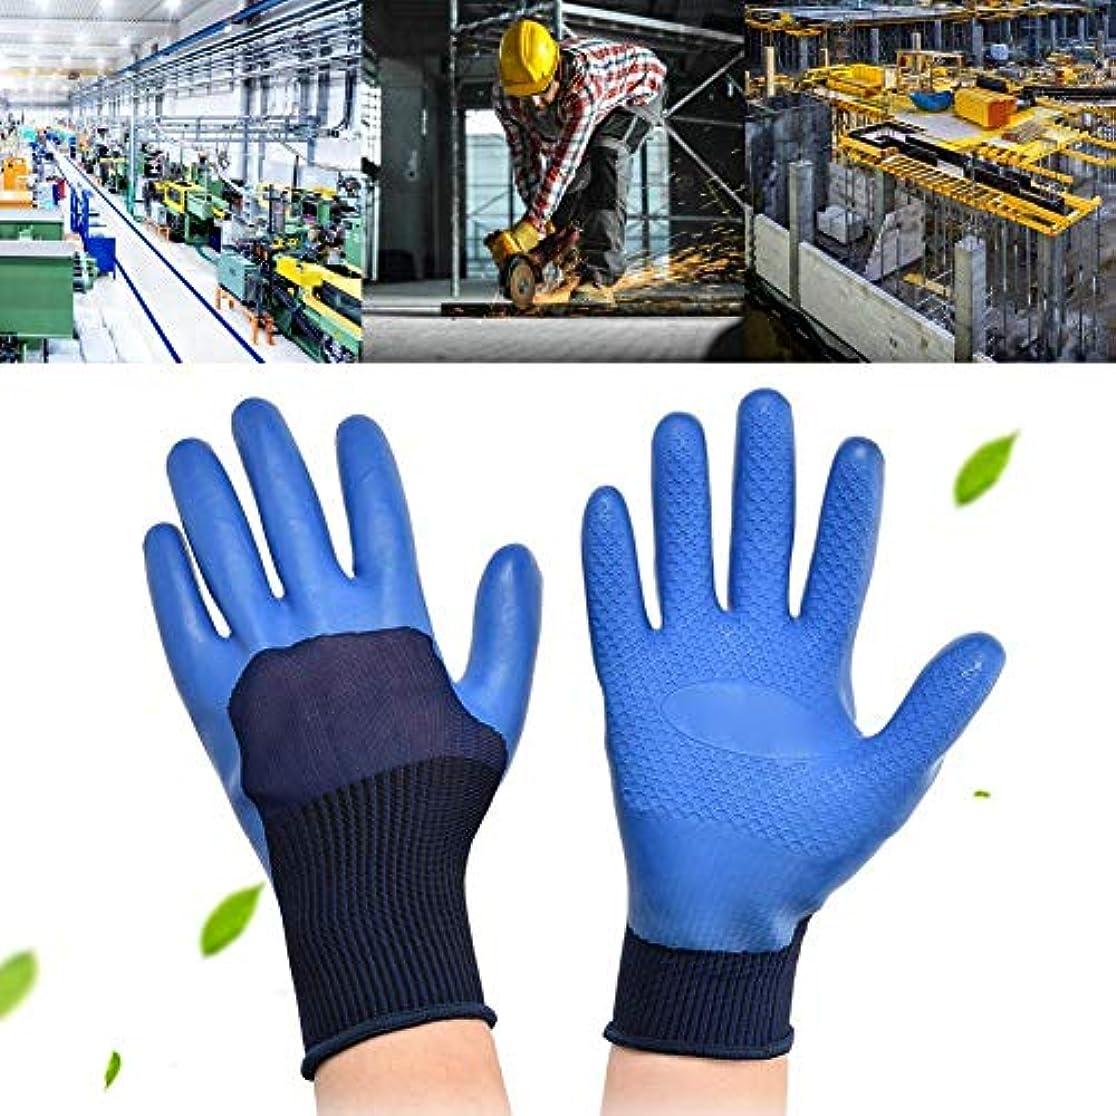 軽表向き反論者作業用手袋、滑り止めラテックス労働保護手袋、耐摩耗性防水安全手袋, 滑り止めラテックス労働保護作業用手袋の耐摩耗性防水安全手袋